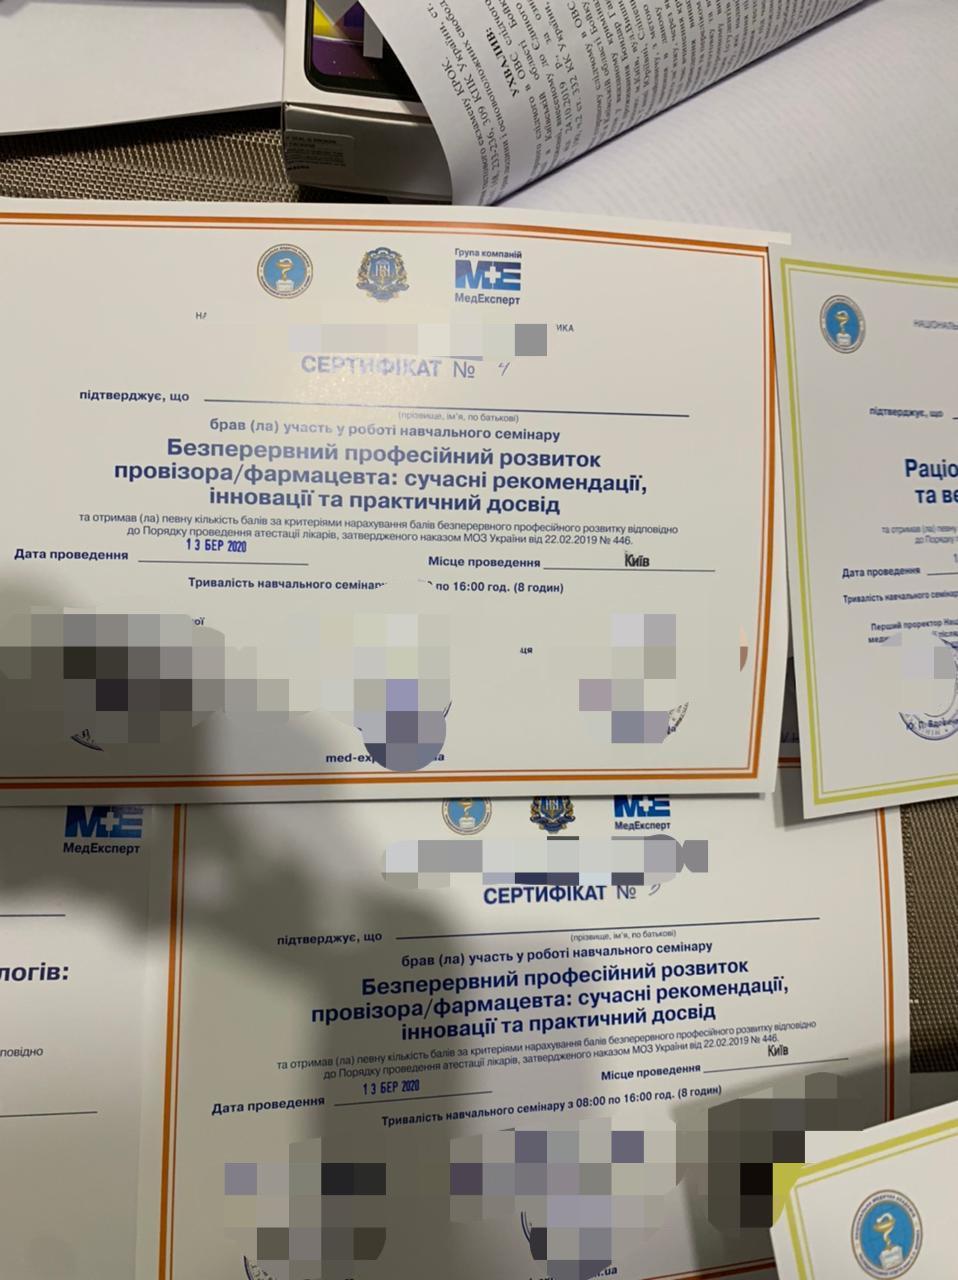 У фигурантов дела провели обыски / фото gp.gov.ua